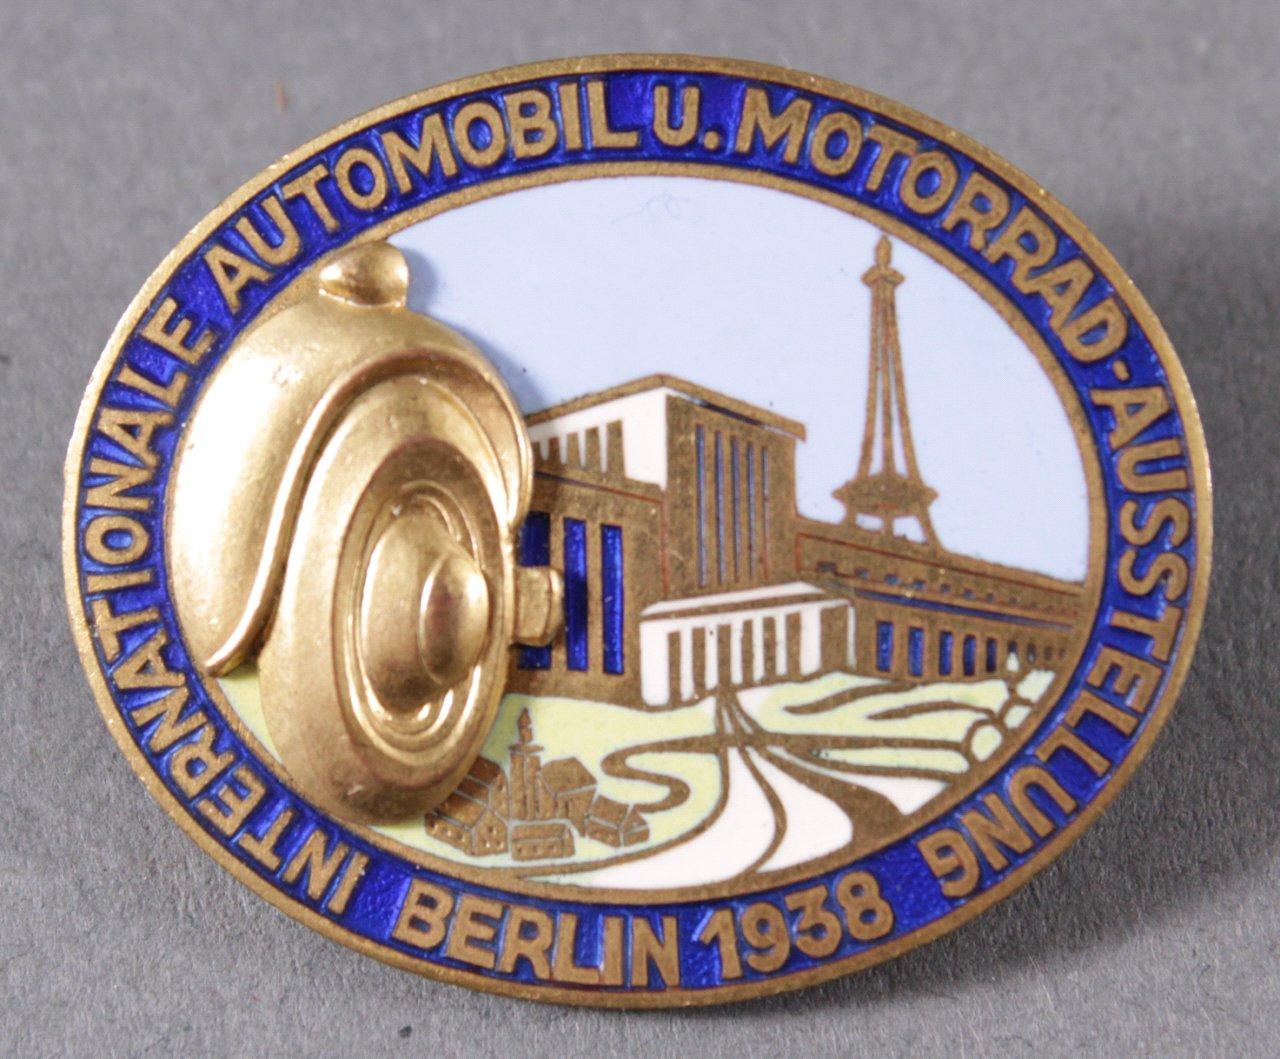 Veranstaltungsabzeichen Automobil und Motorradausstellung